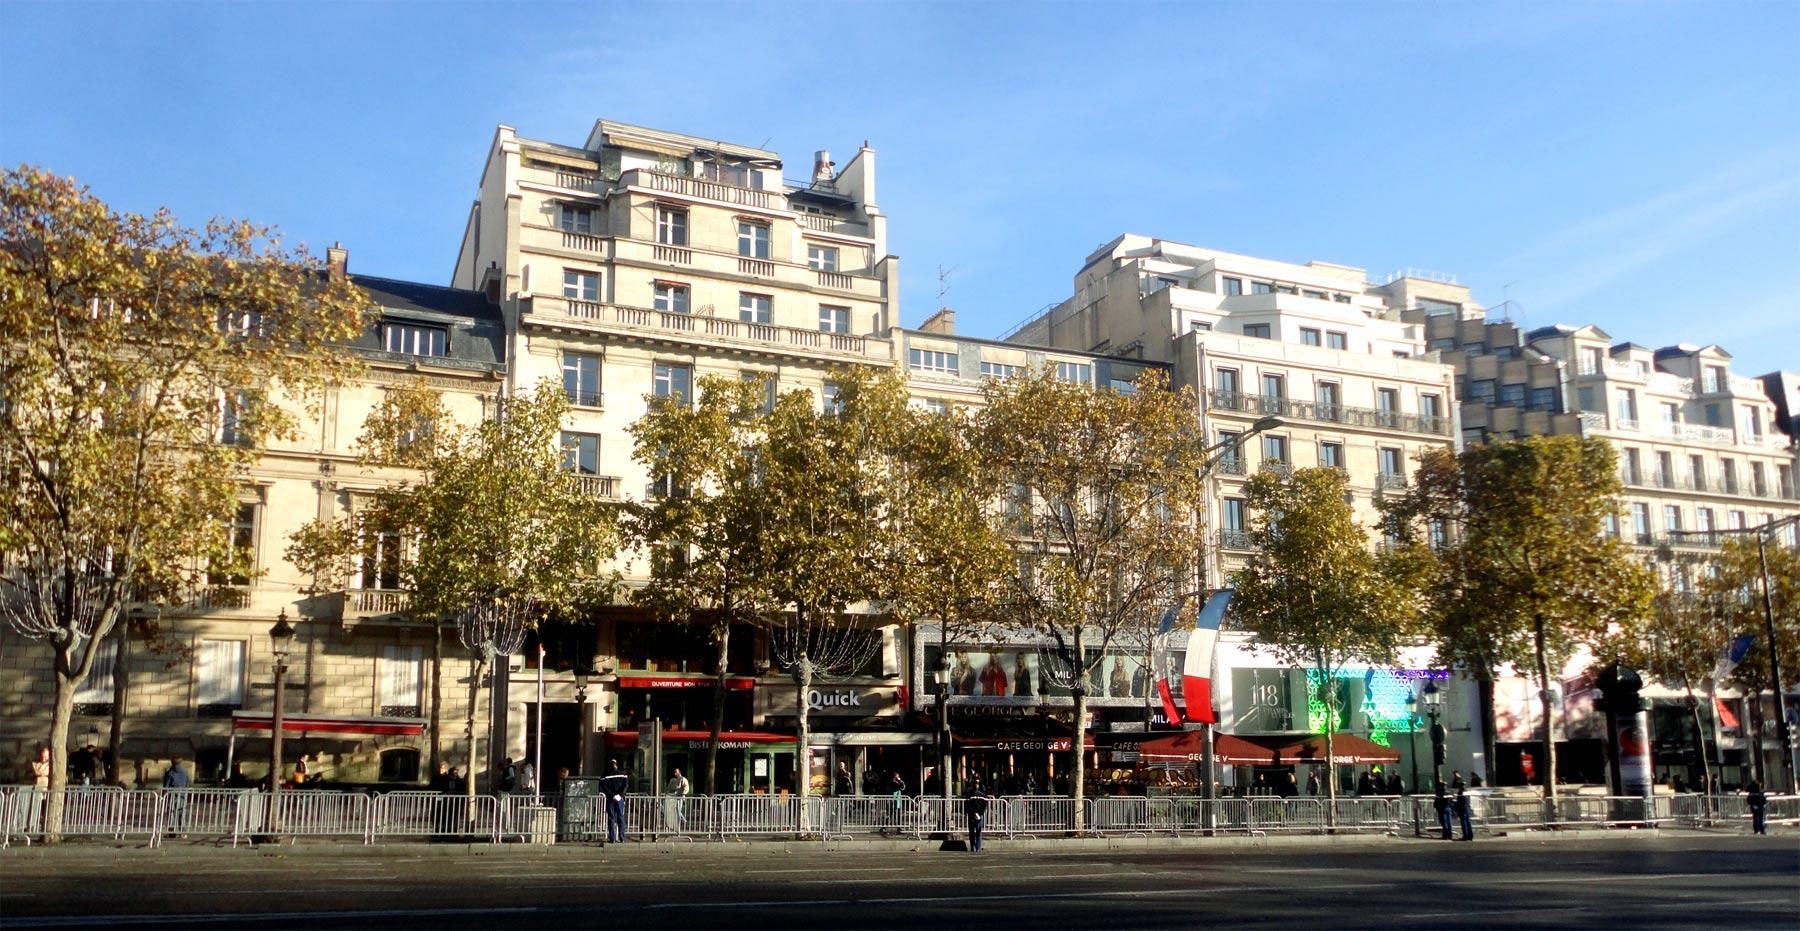 Экскурсия по Парижу - Елисейские поля